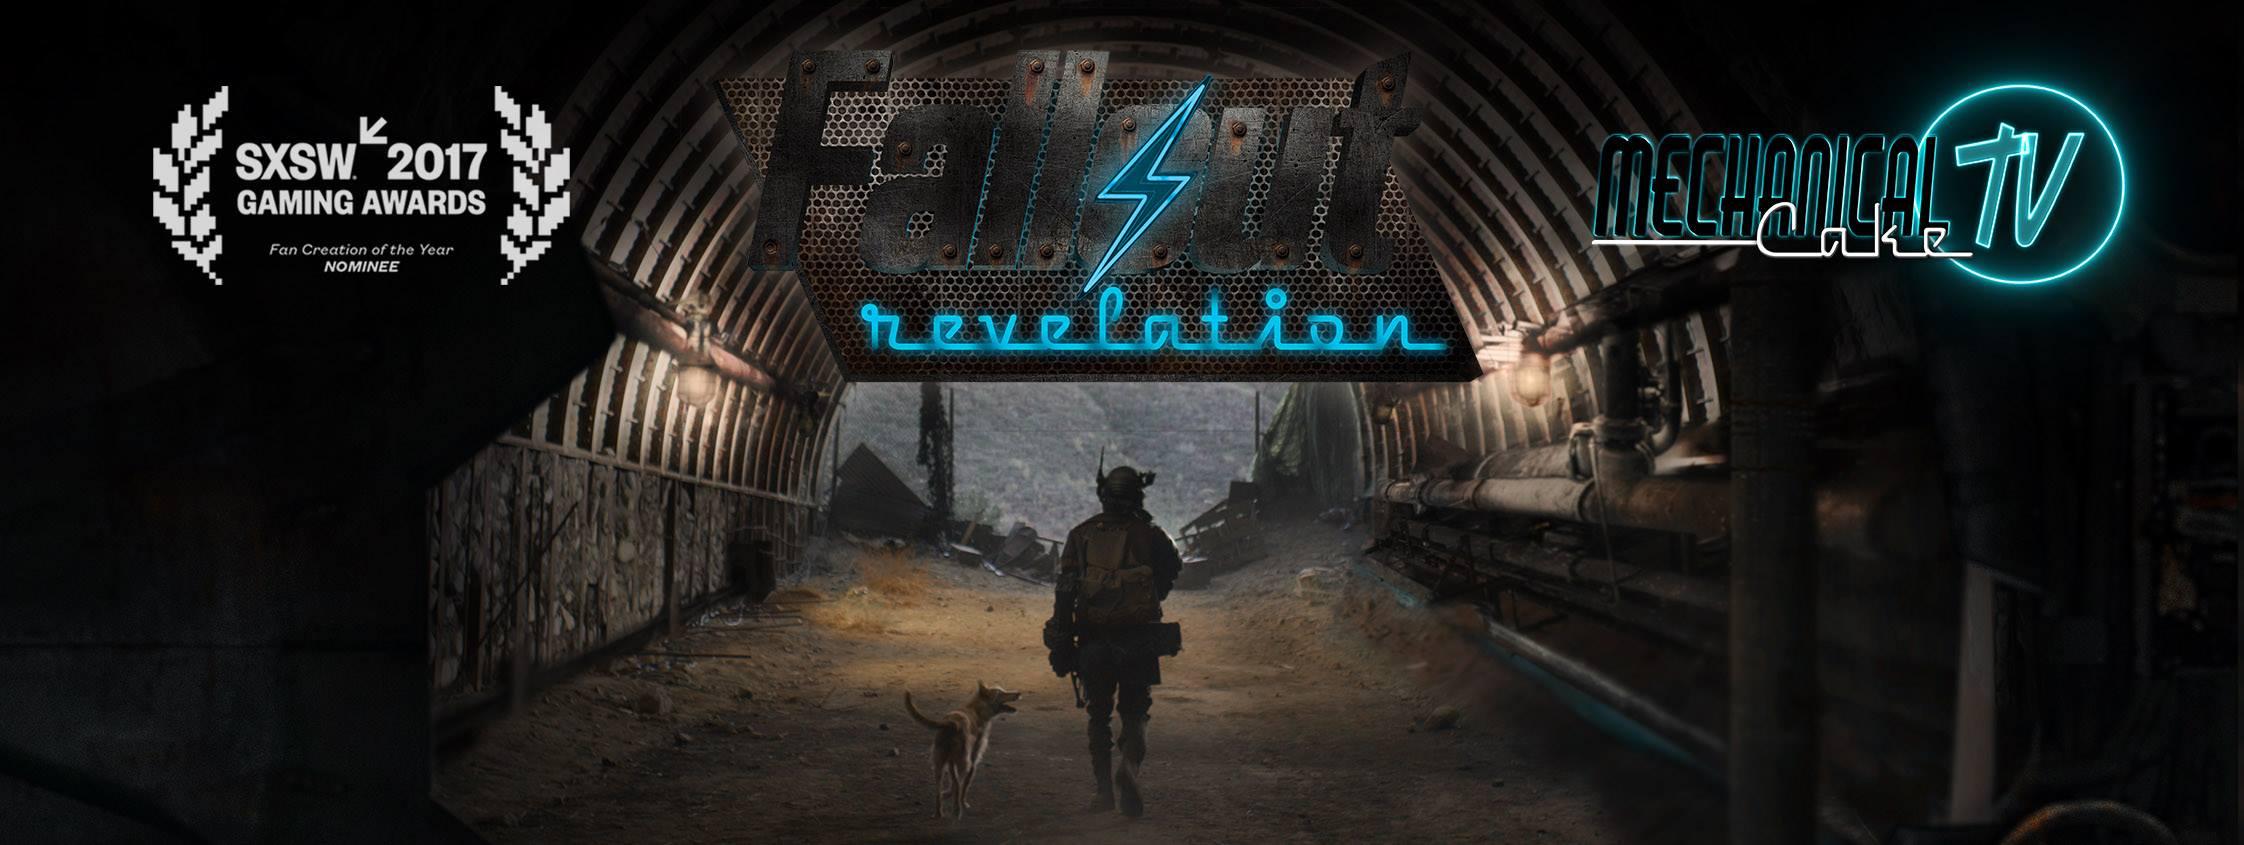 Много интересных фанатских творений по вселенной Fallout мы уже успели повстречать, но темы до сих пор не исчерпаны — новый интригующий мини-сериал тому доказательство.